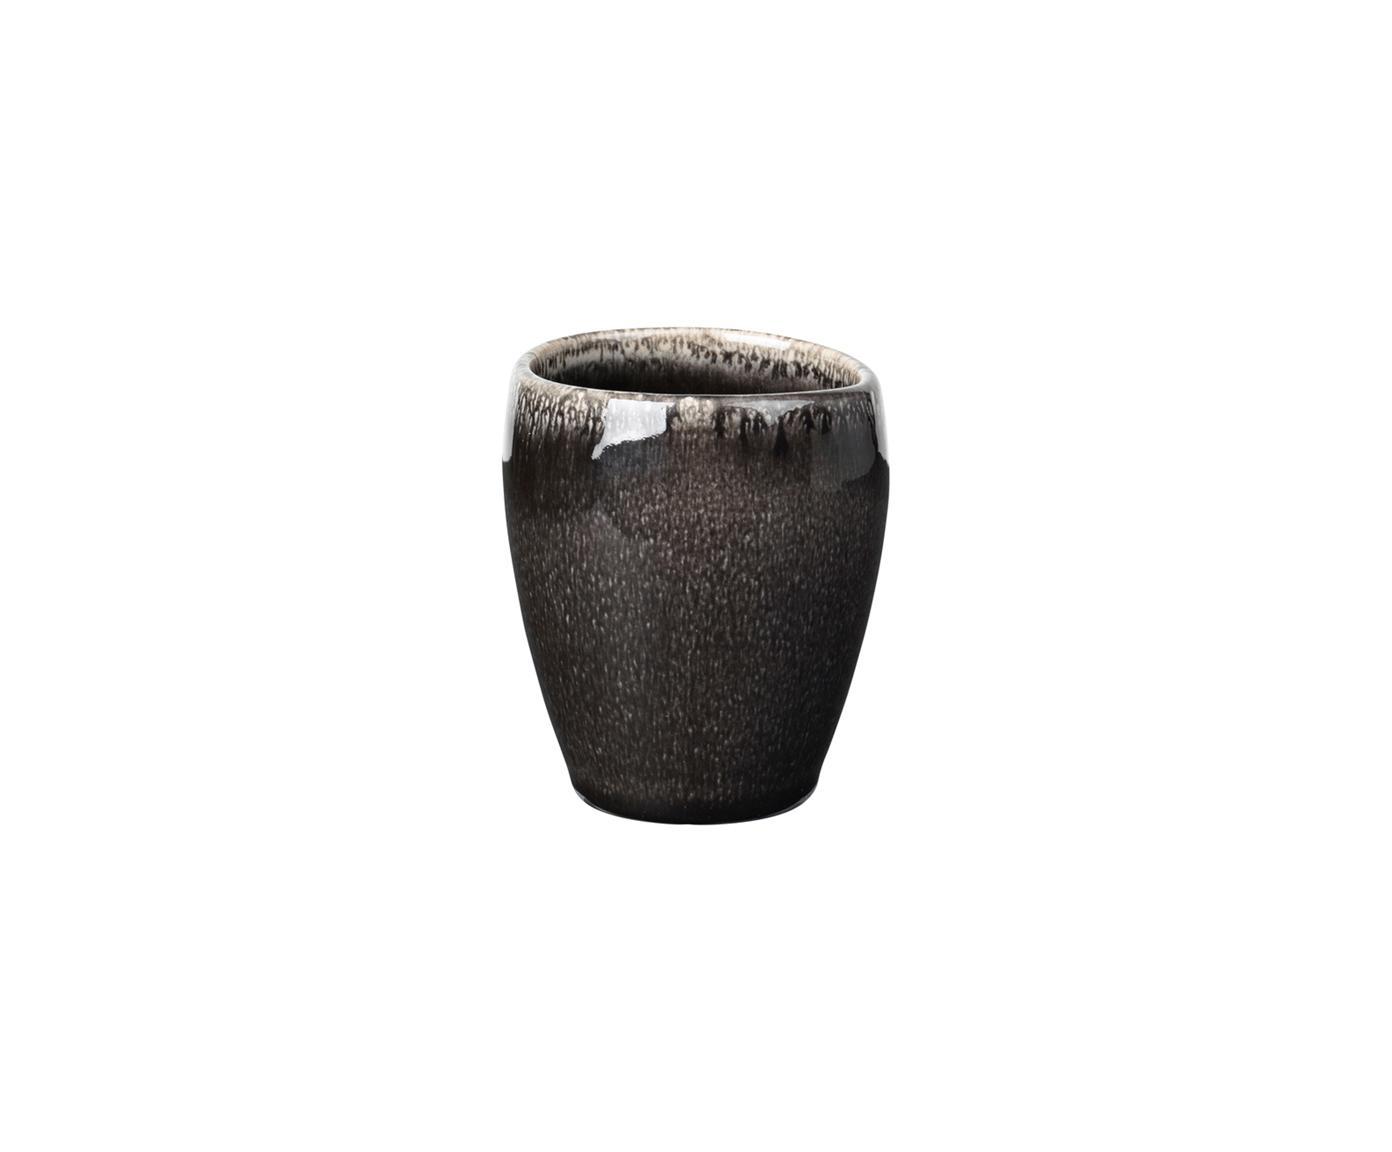 Tazze da caffè fatte a mano Nordic Coal, 6 pz., Gres, Marrone scuro, Ø 6 x A 8 cm